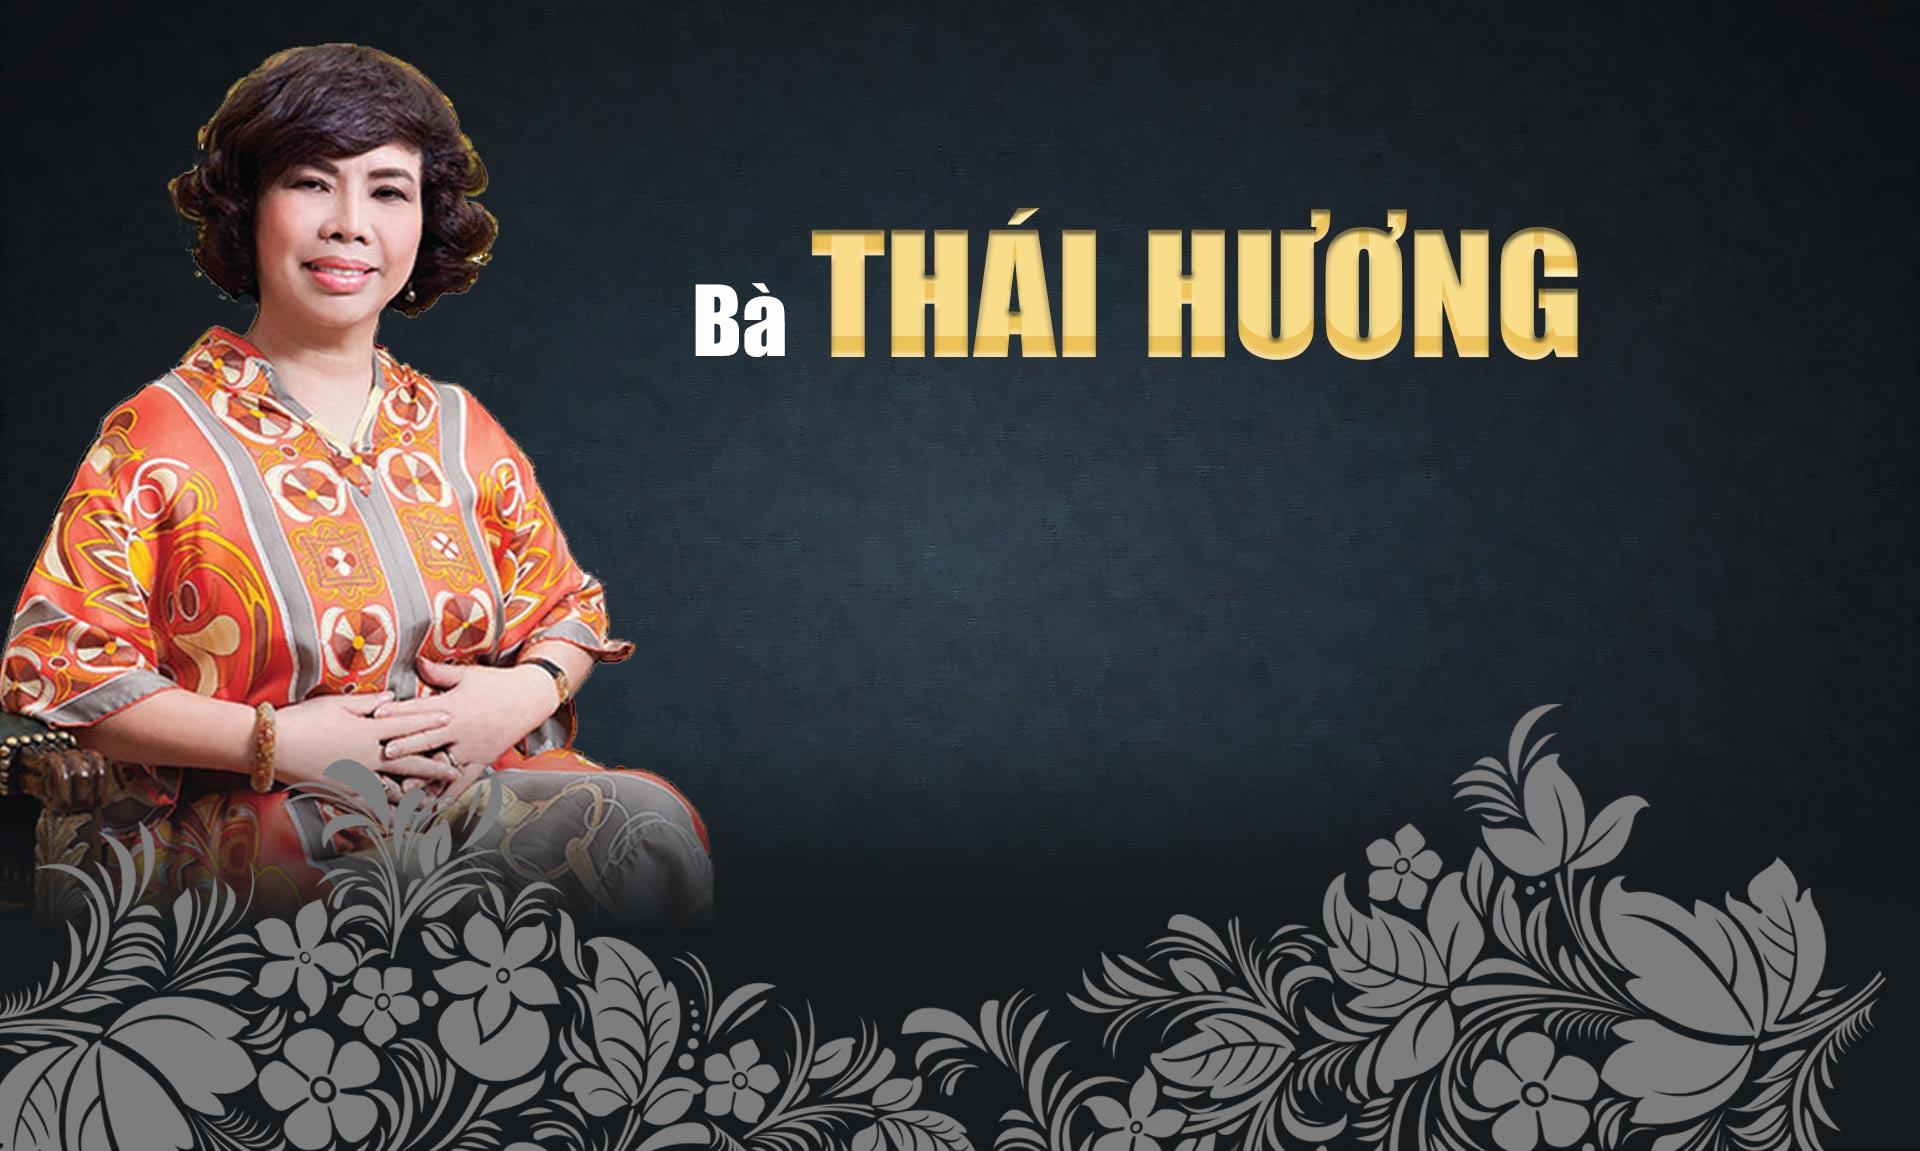 10 phụ nữ Việt gây choáng bởi sự giàu có, giỏi giang và quyền lực - 30